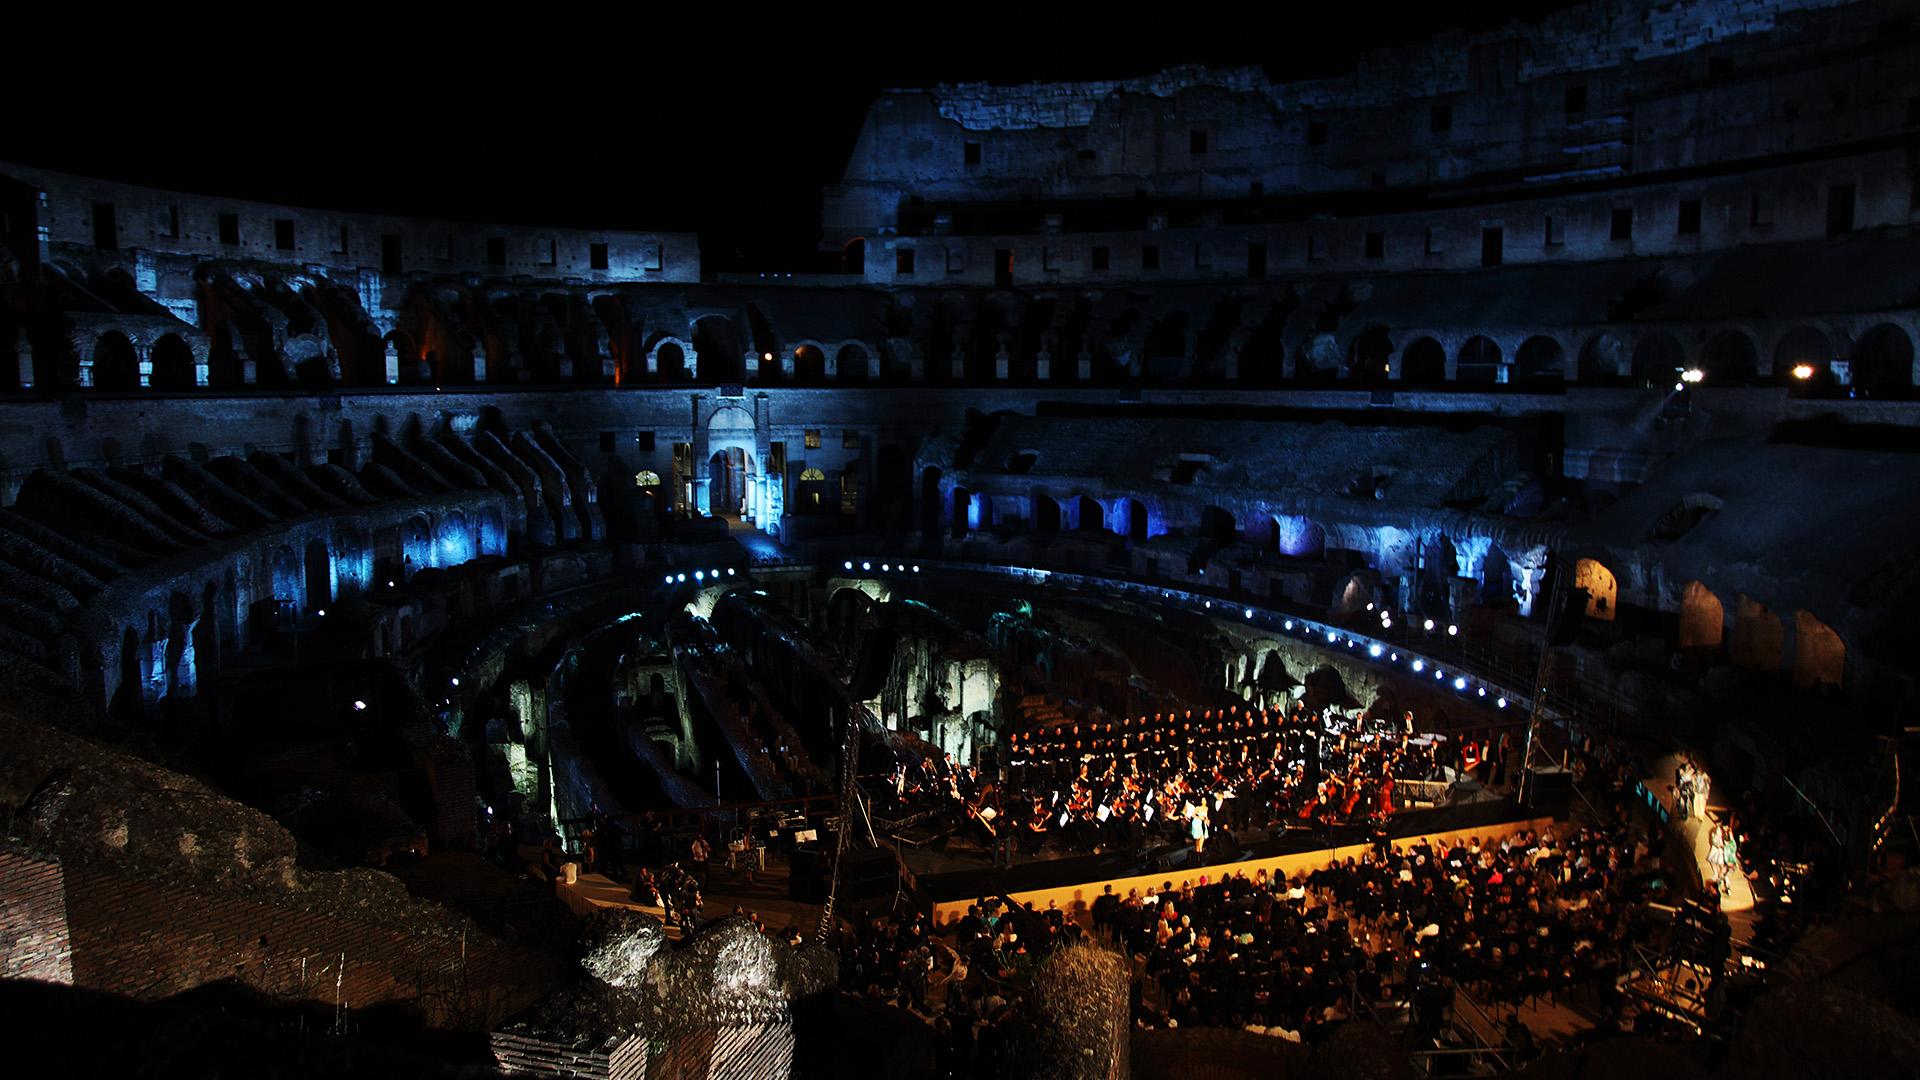 Concerto Al Colosseo, Roma